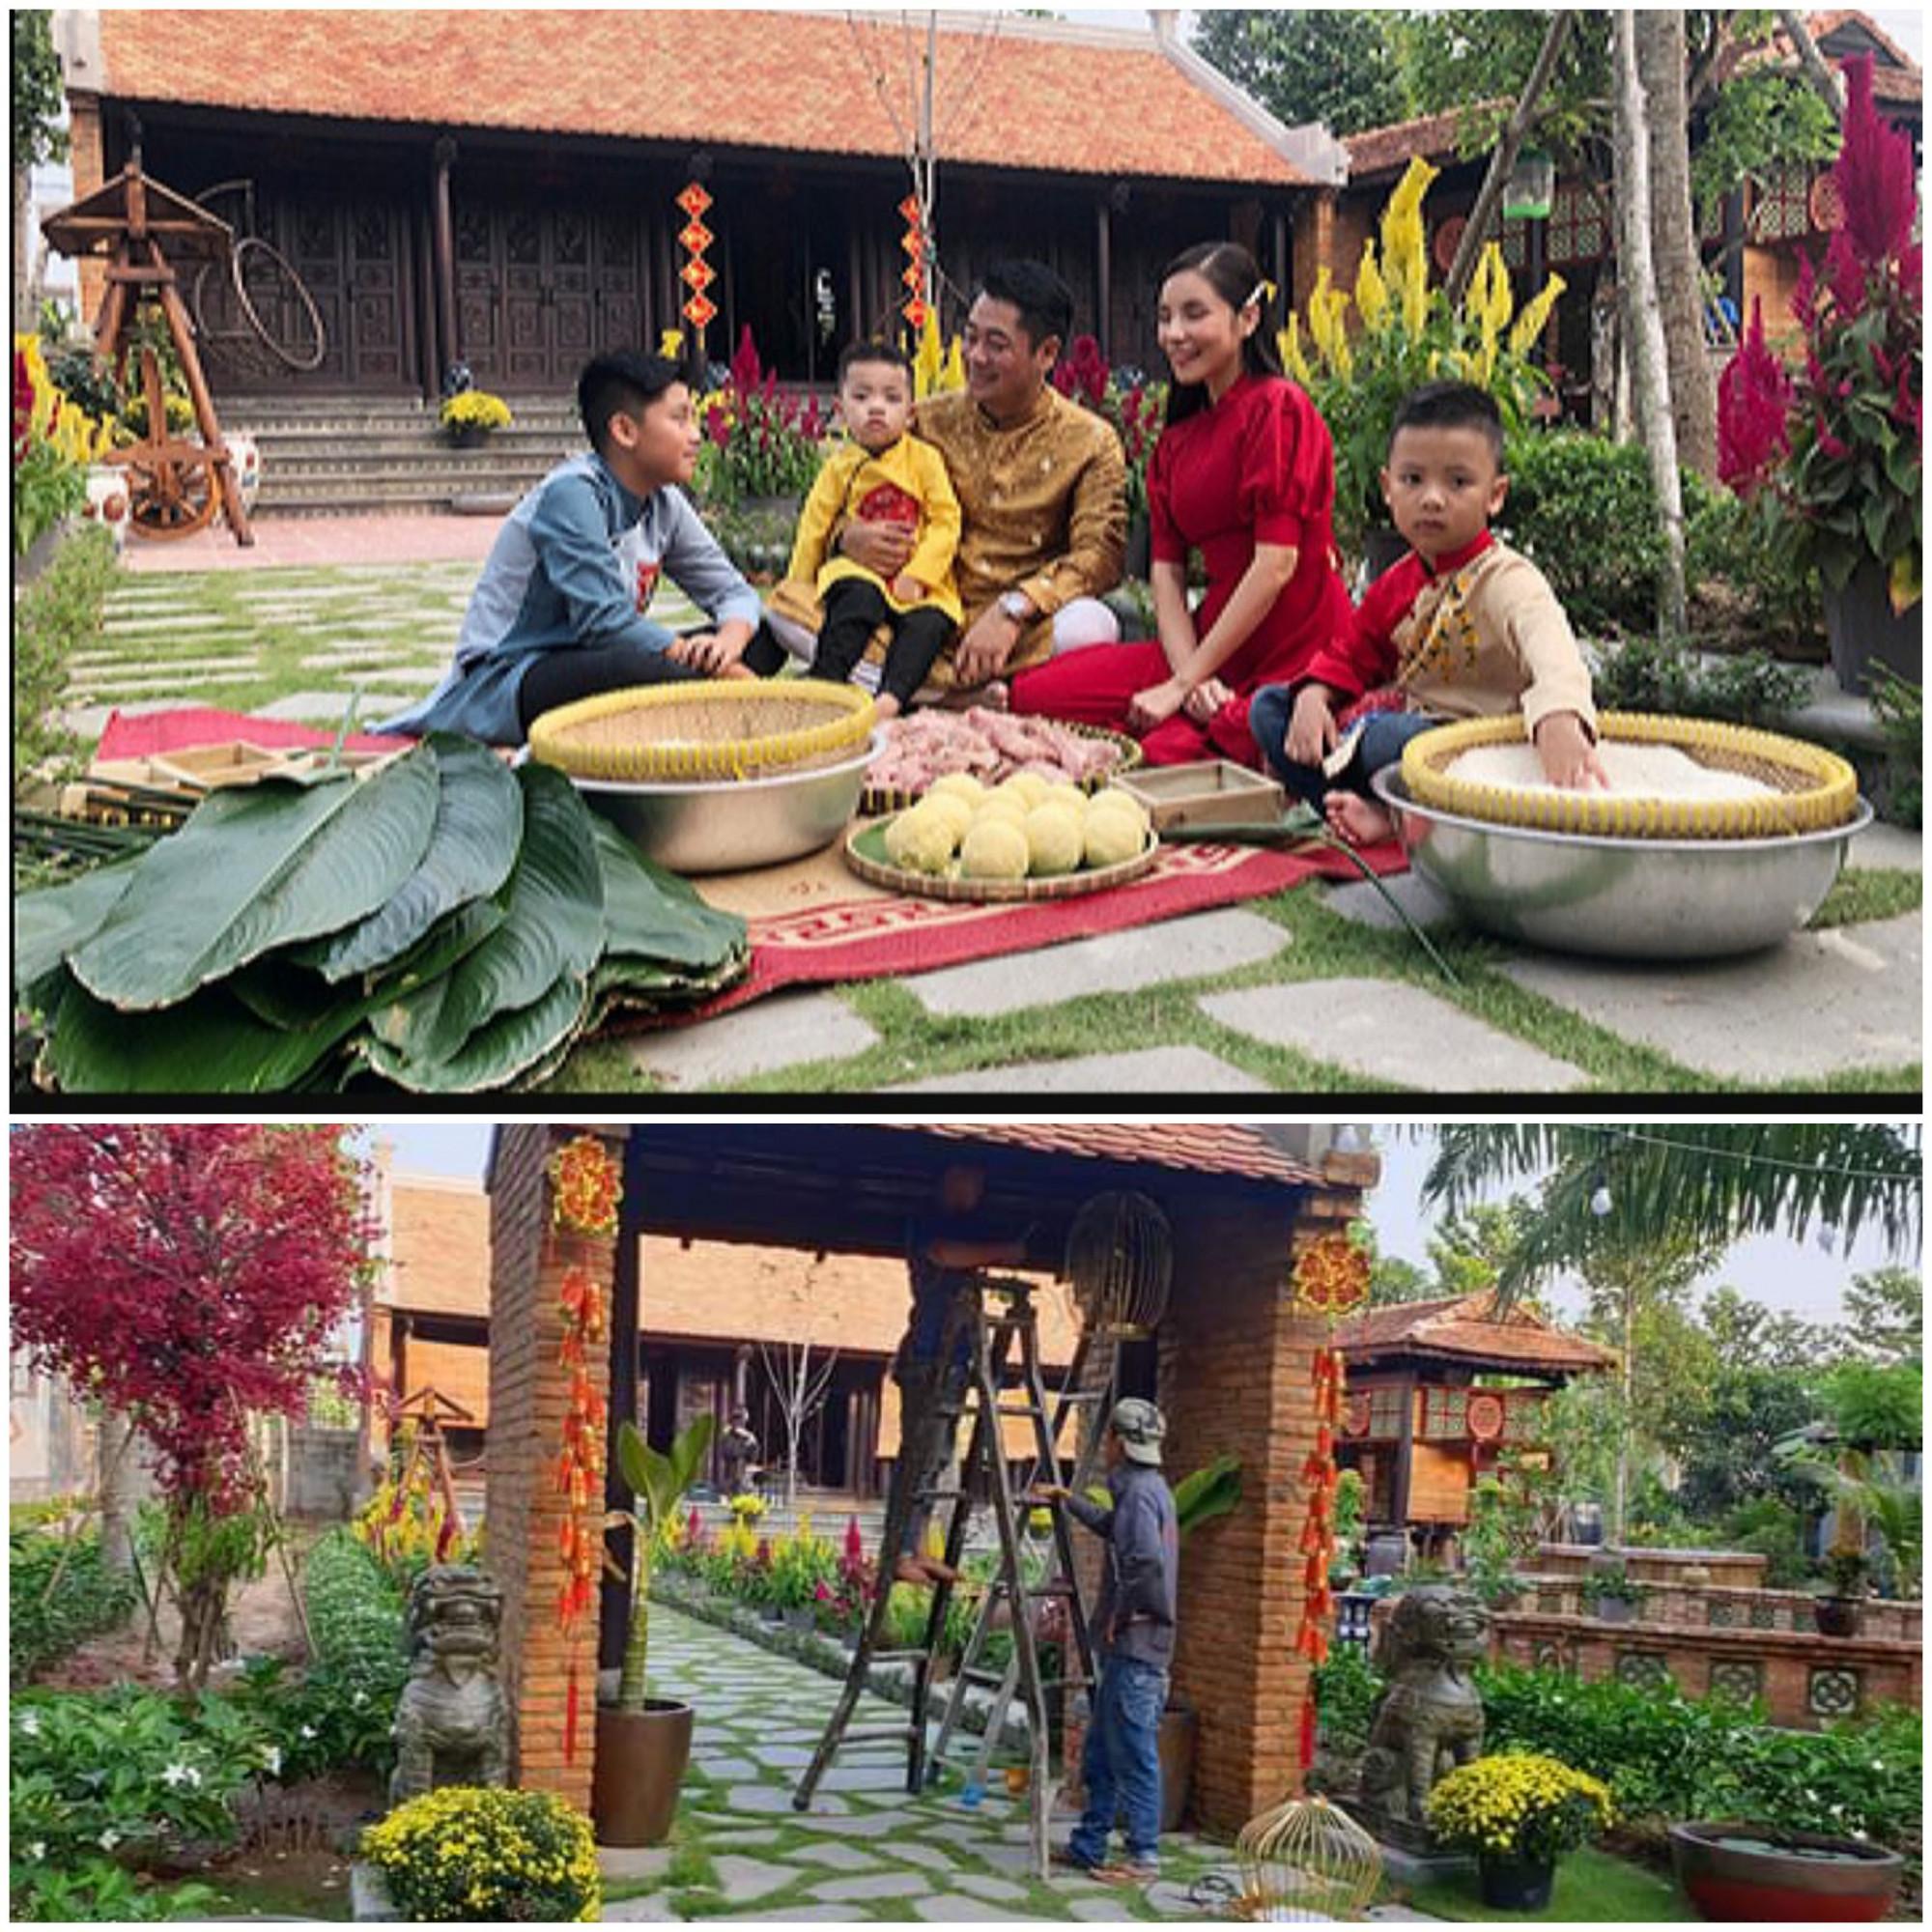 Gia đình Ngô Mai Trang quây quần nấu bánh chưng tại ngôi nhà mới ở Long An. Trước đó, nữ ca sĩ cũng tất bật trang hoàng nhà cửa để có được không gian ưng ý nhất.